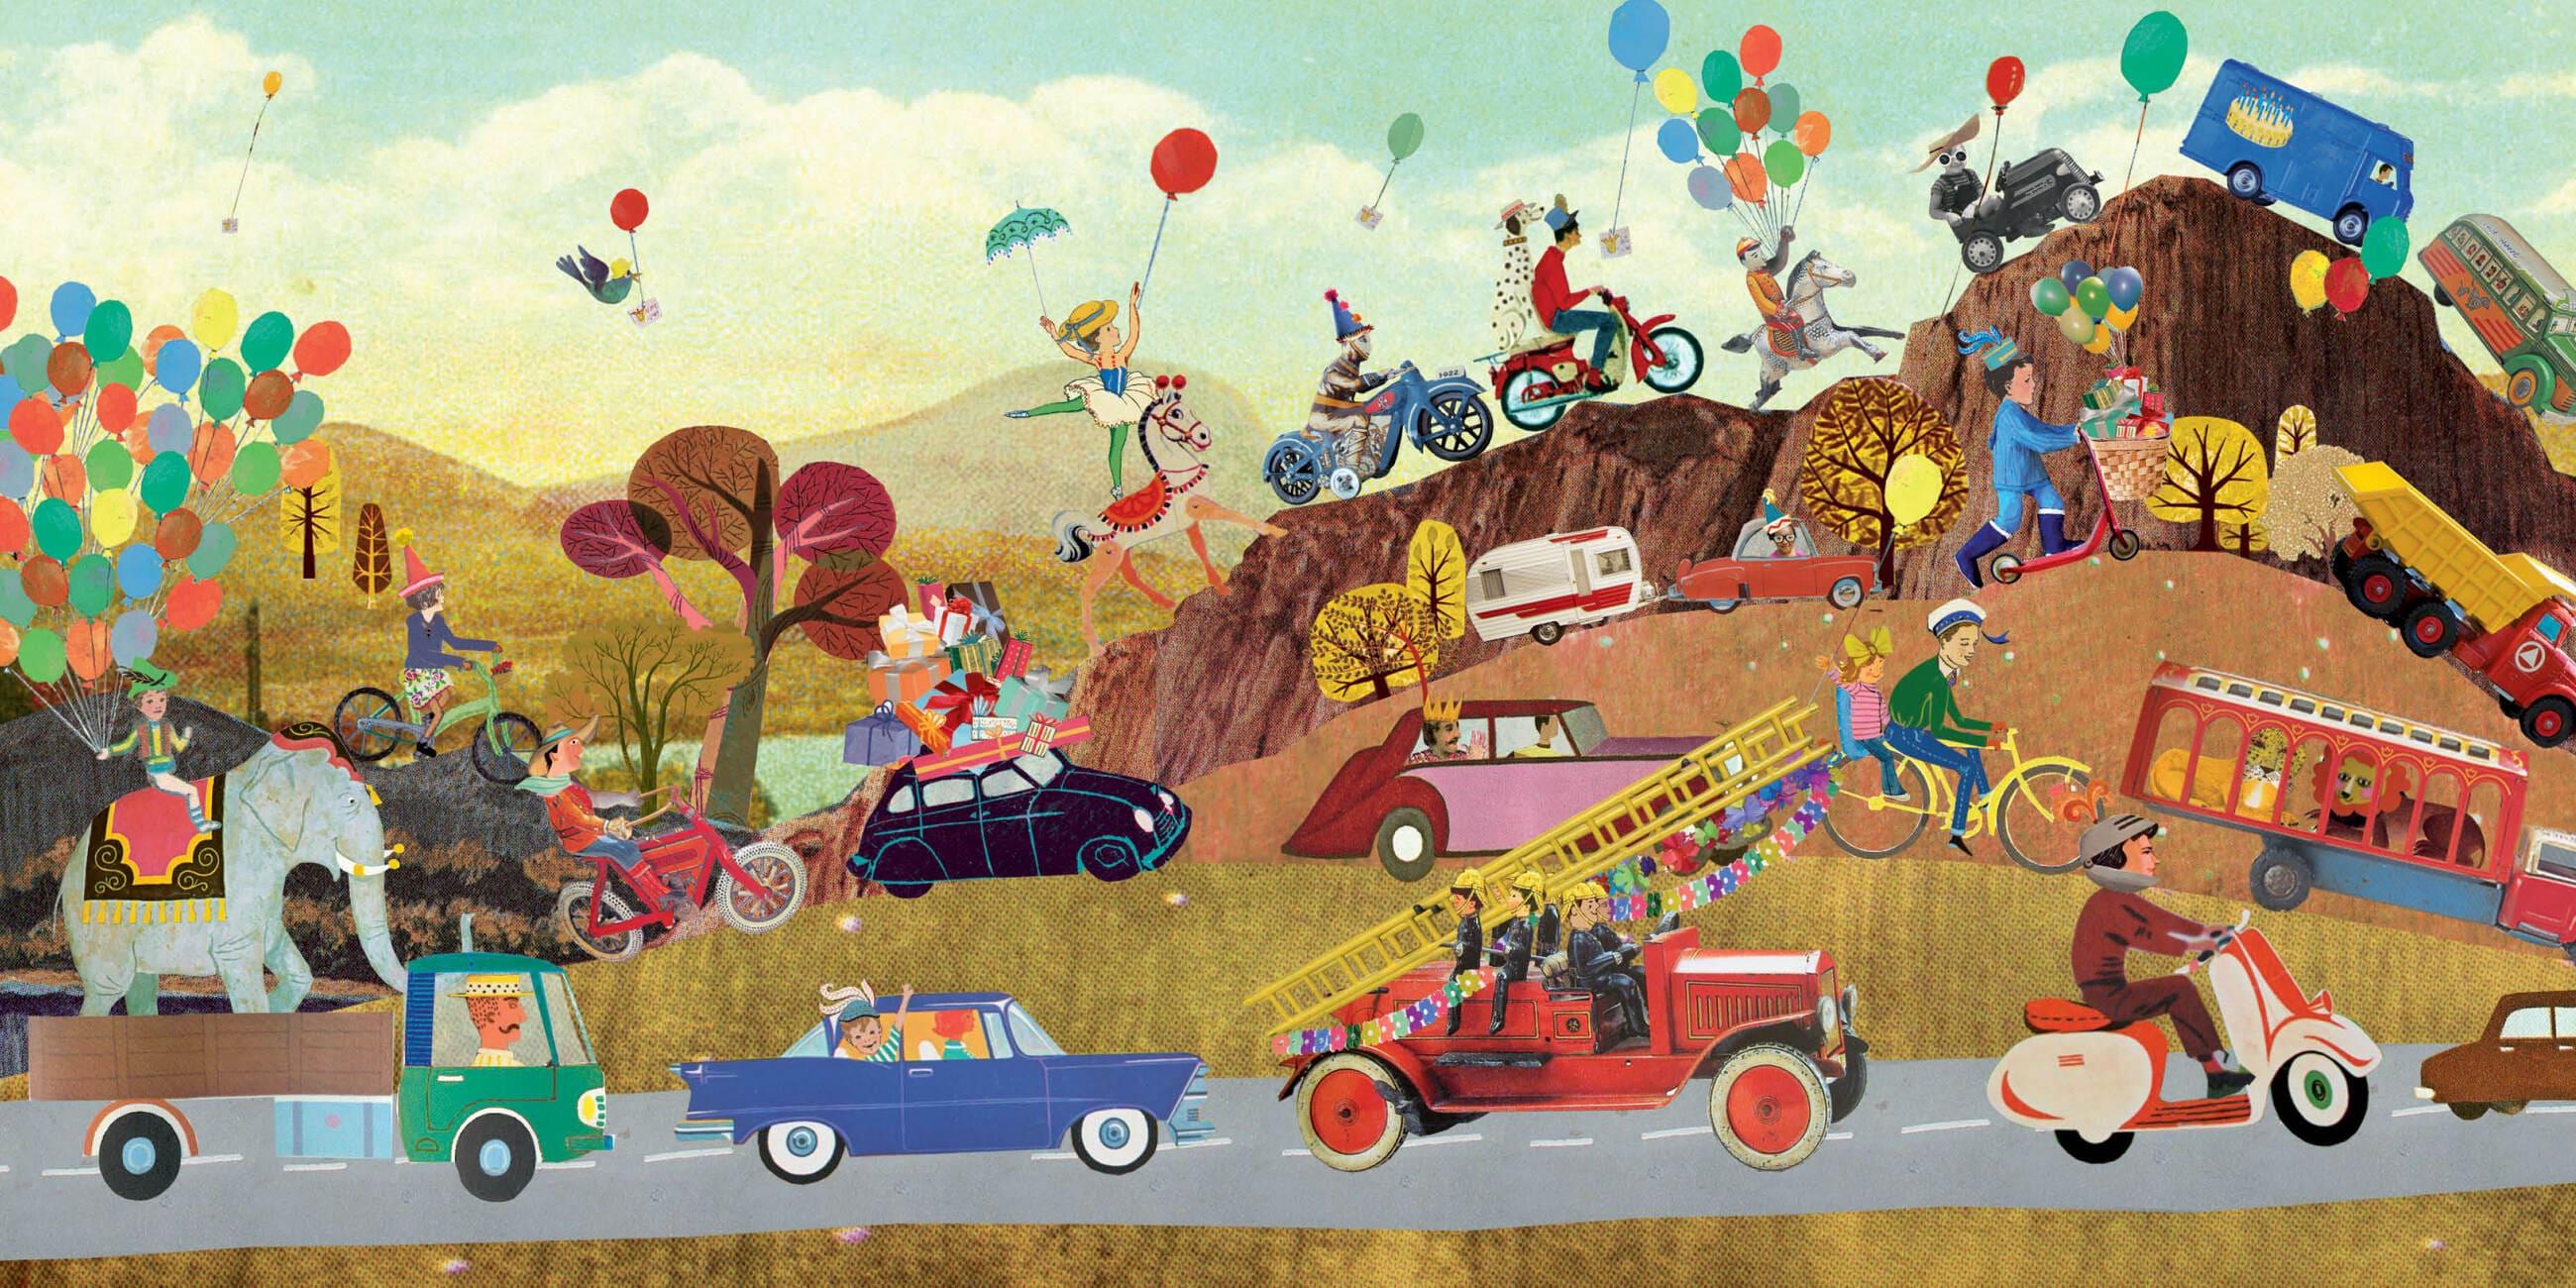 geboorte broer zus auto brandweer feest ballonnen landschap herfst geboortekaartje avontuur reis samen vintage nostalgie illustratie gezellig stoer lief Origineel uniek feest vintage retro poesie nostalgie gezellig vrolijk kleurrijk stoer schattig nostalgisch kraamcadeau verjaardagscadeau art kunst illustratie illustration gouden boekje kijkplaat zoekprent zoekplaat zoekboek kinderboek festival reizen gepersonaliseerd festival reizen safari flamingo grootzus groot zus fantasie aantrekkelijk poesie panda